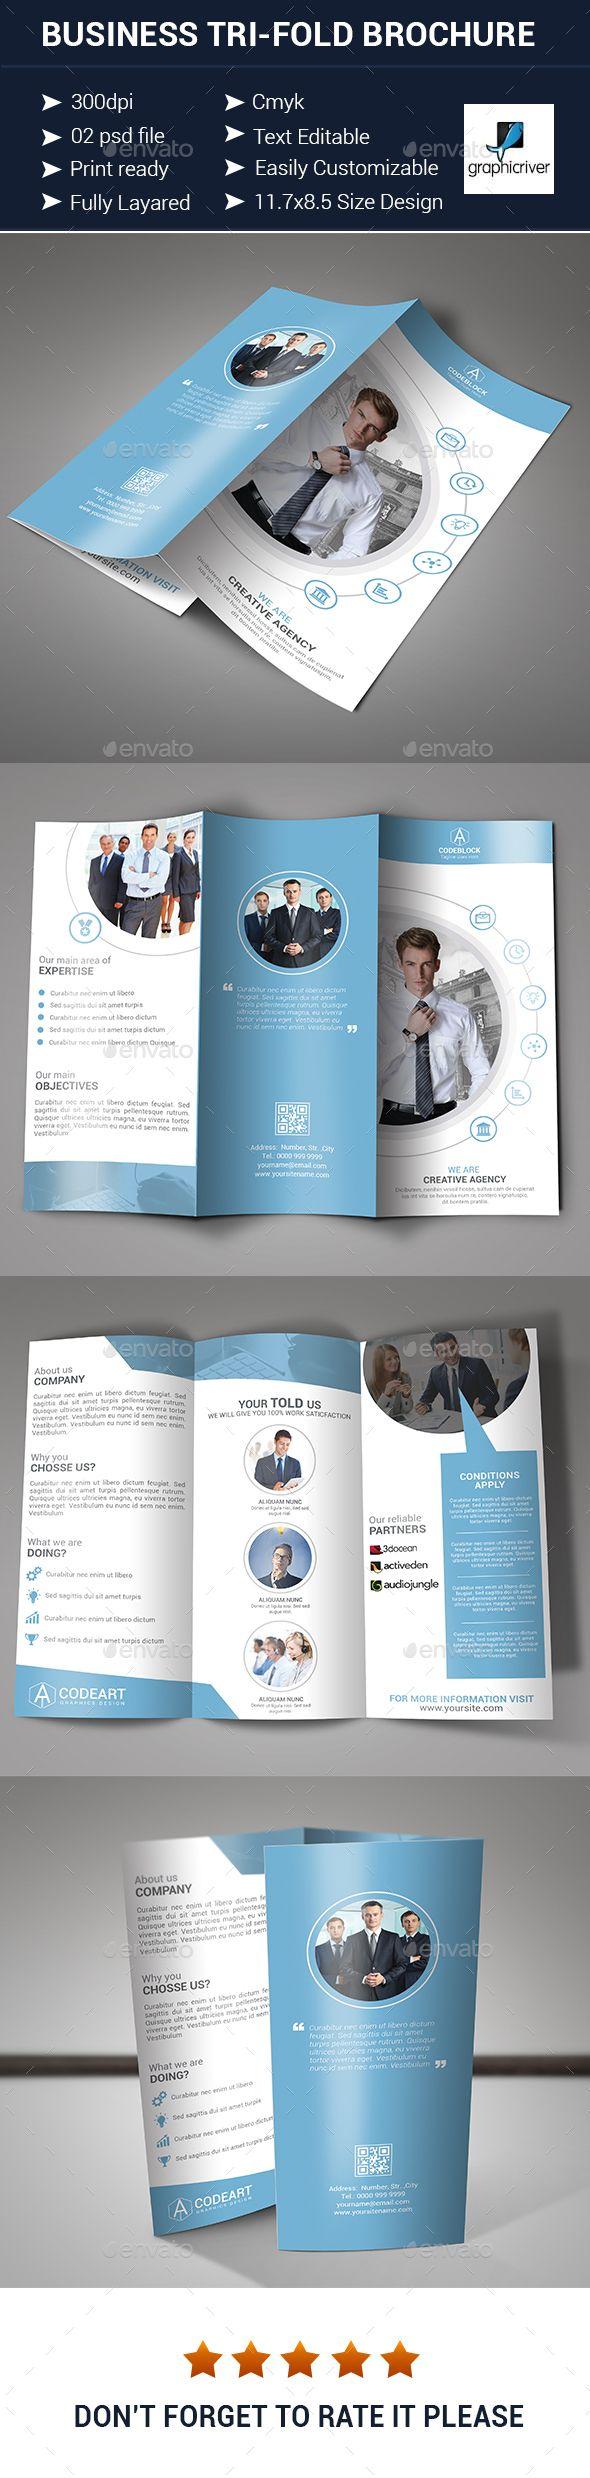 Business Tri-fold Brochure Design - Corporate Brochures